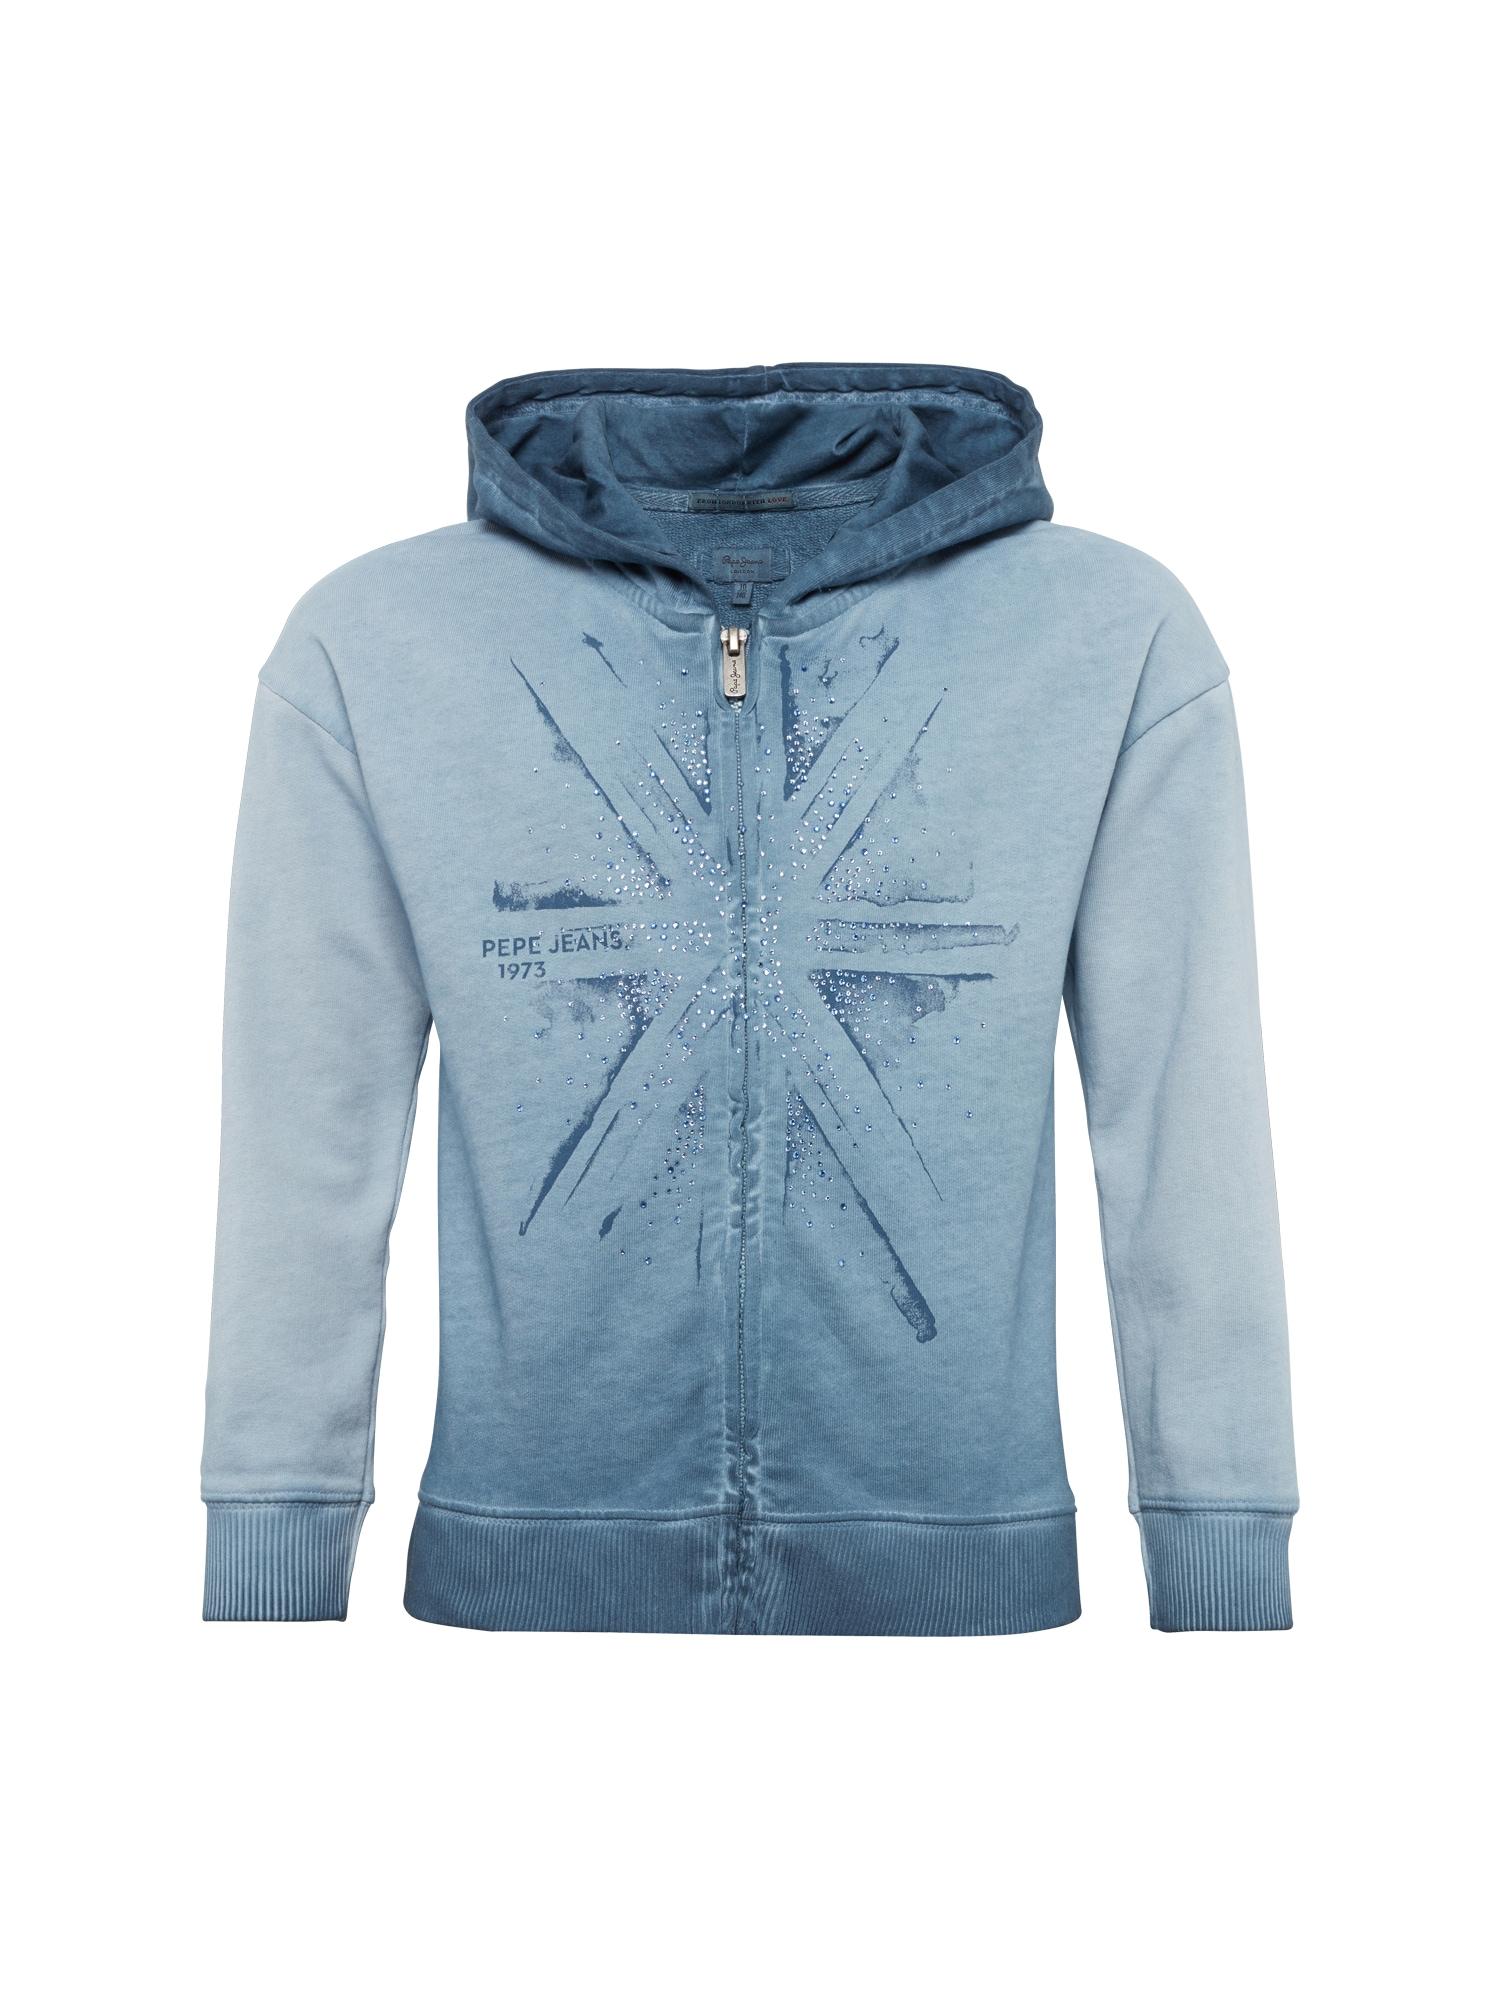 Pepe Jeans Meisjes Sweatshirt BERNICE blauw lichtblauw